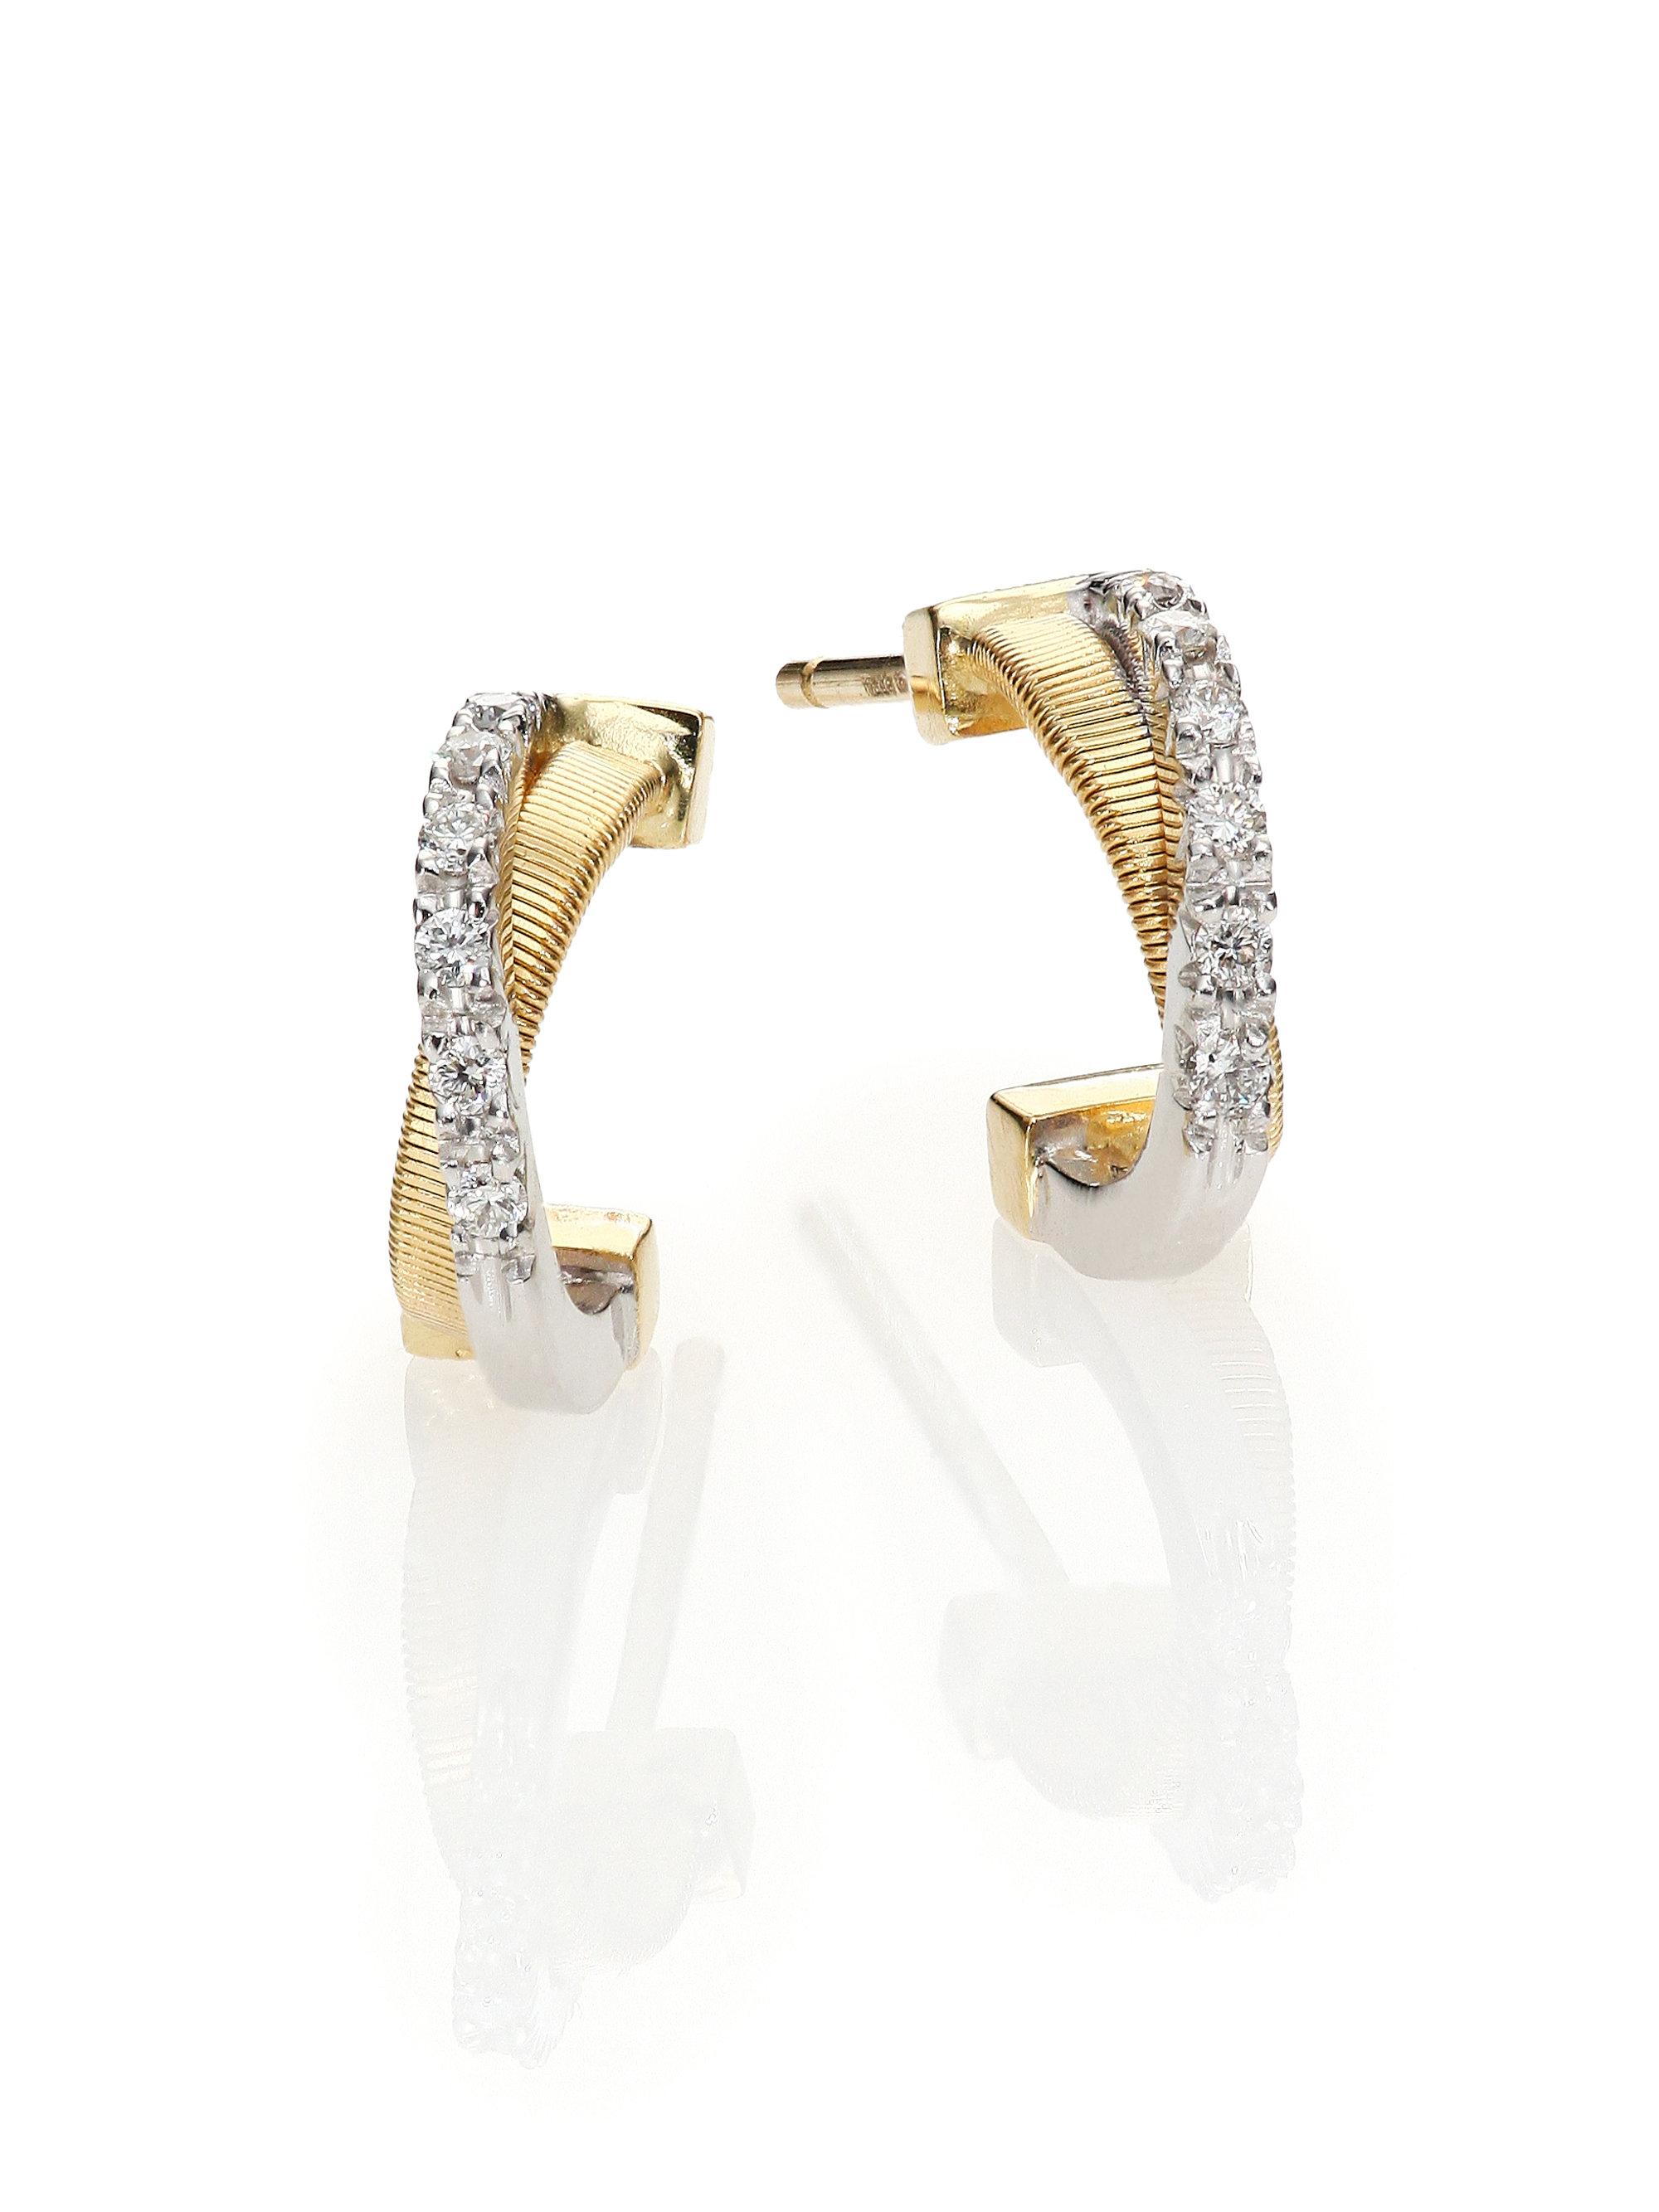 Yellow Gold Huggie Hoop Earrings Doubleaccent 14k Gold Huggie